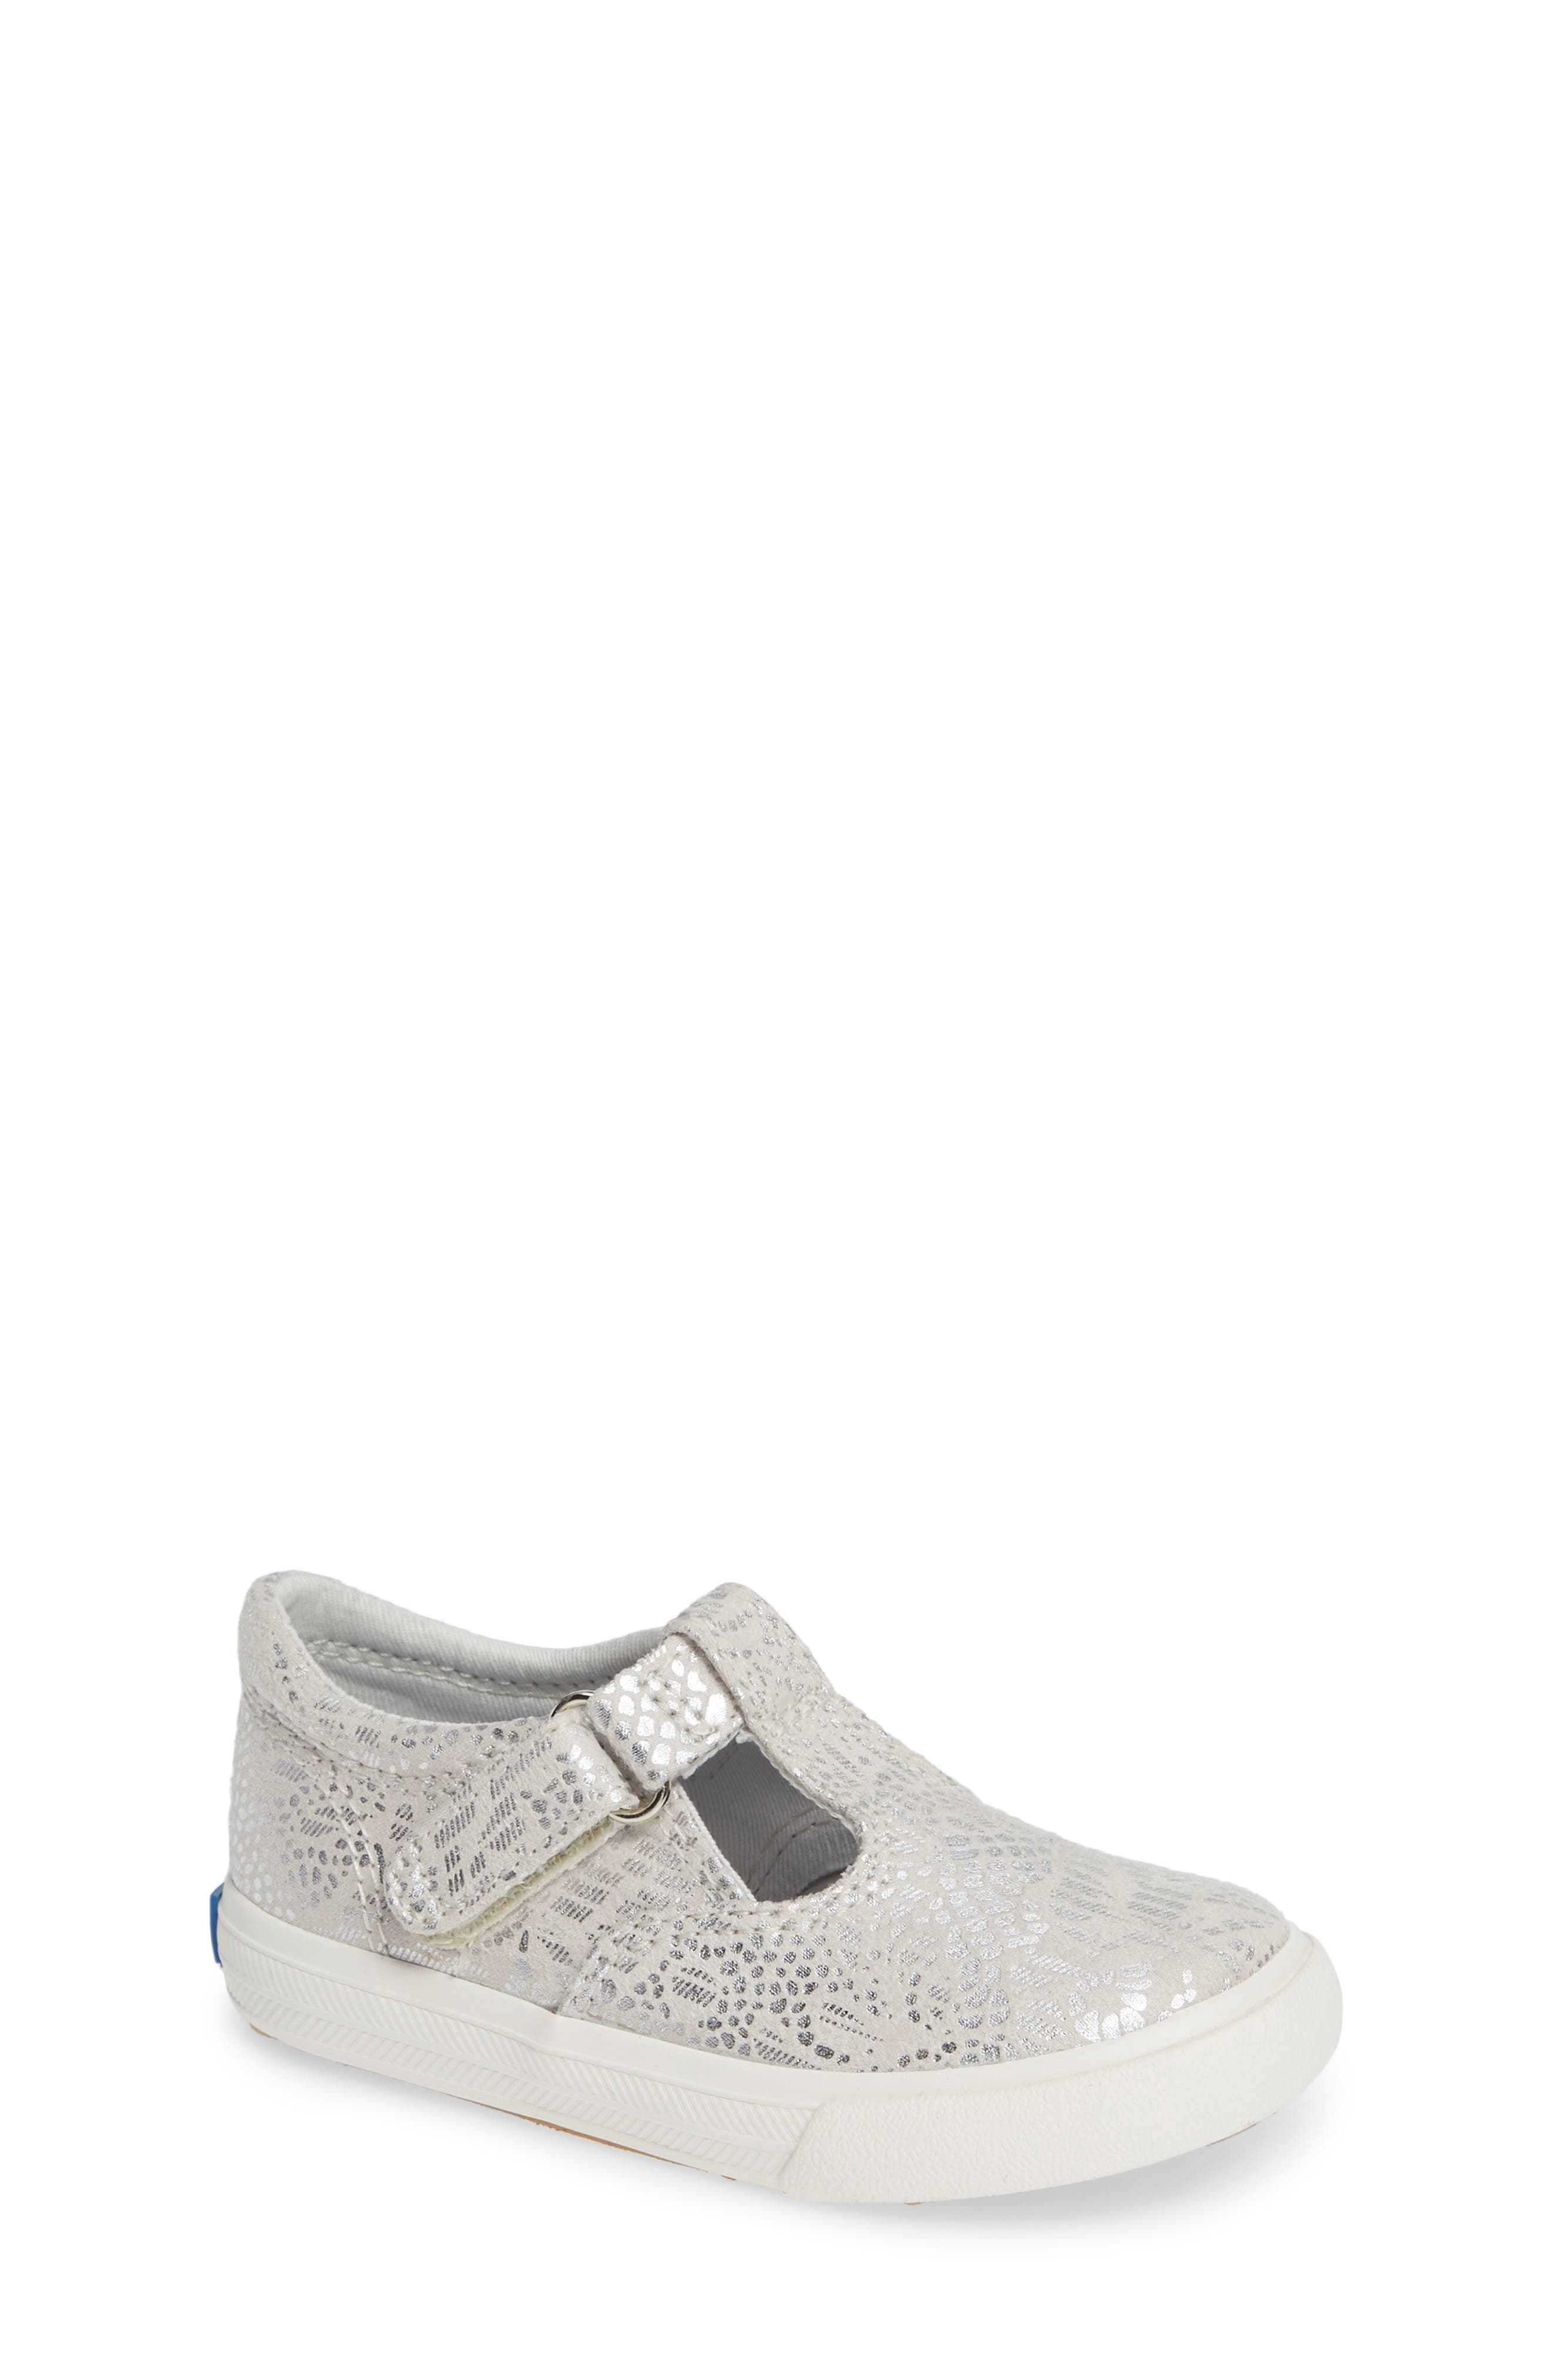 Daphne T-Strap Sneaker,                         Main,                         color, SILVER/ SILVER